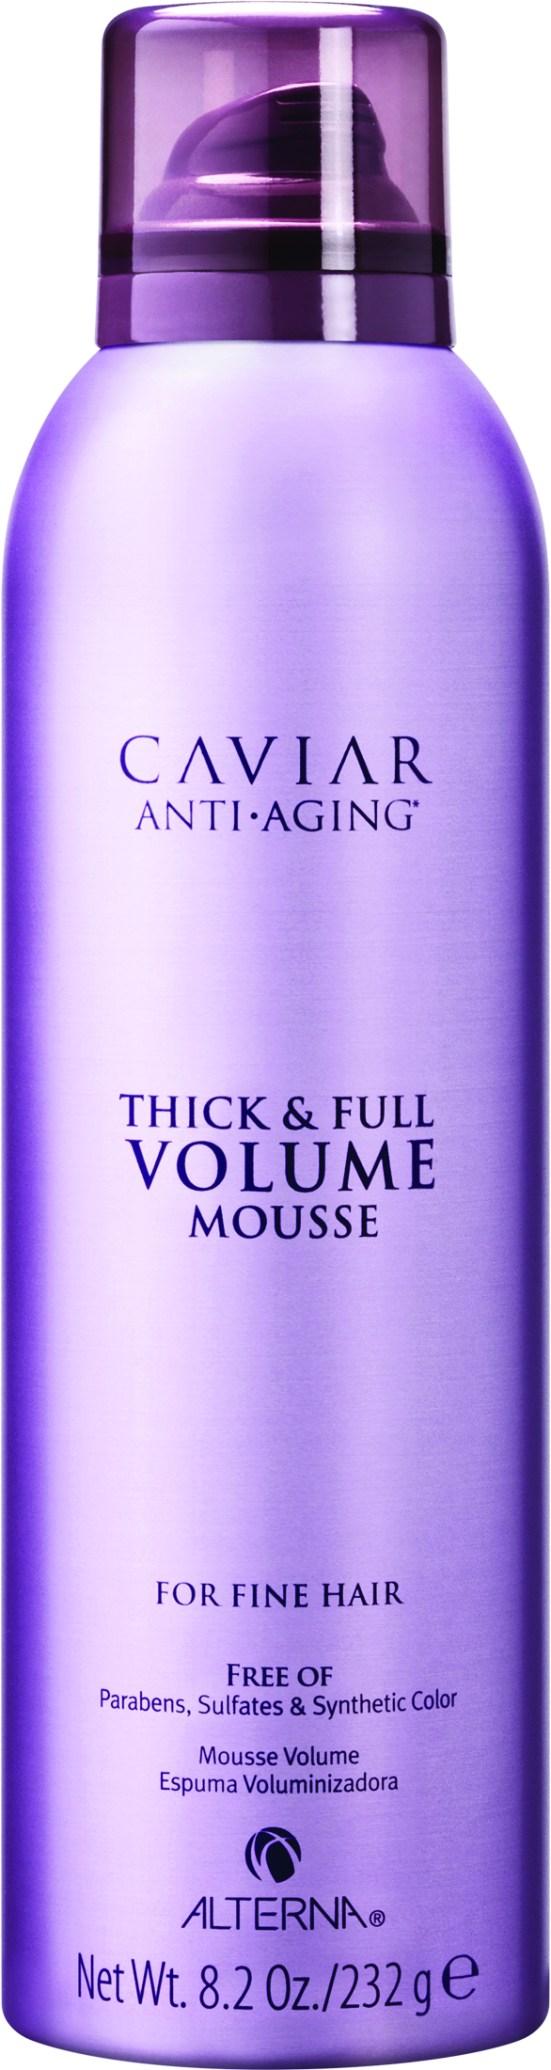 Alterna Caviar Mousse